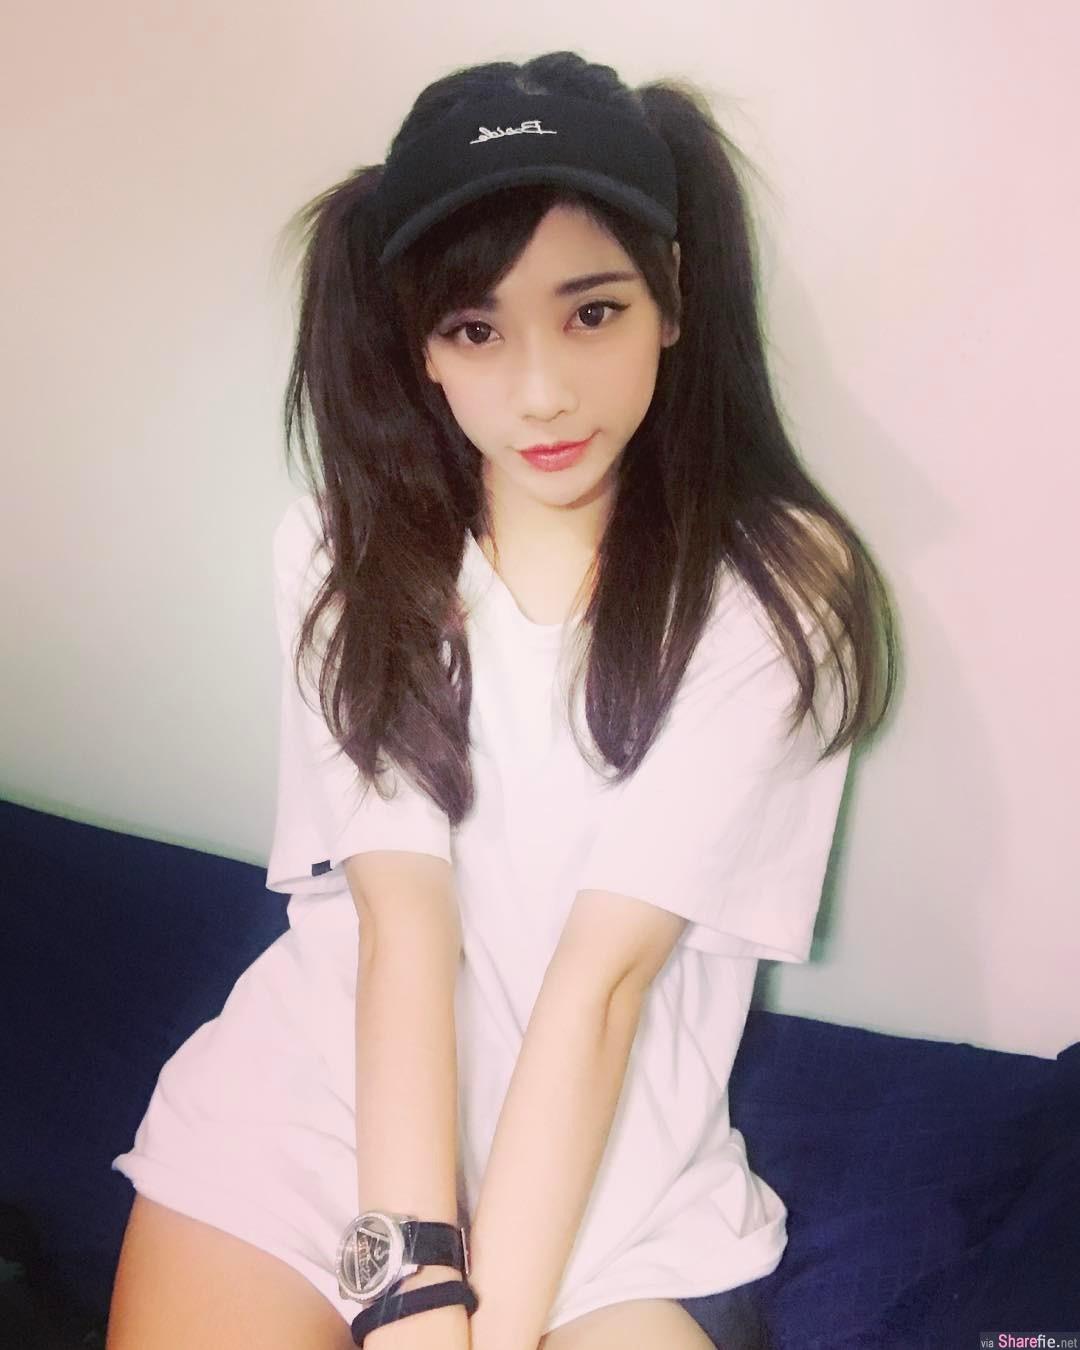 台湾正妹,甜美脸蛋IG粉丝竟然有...